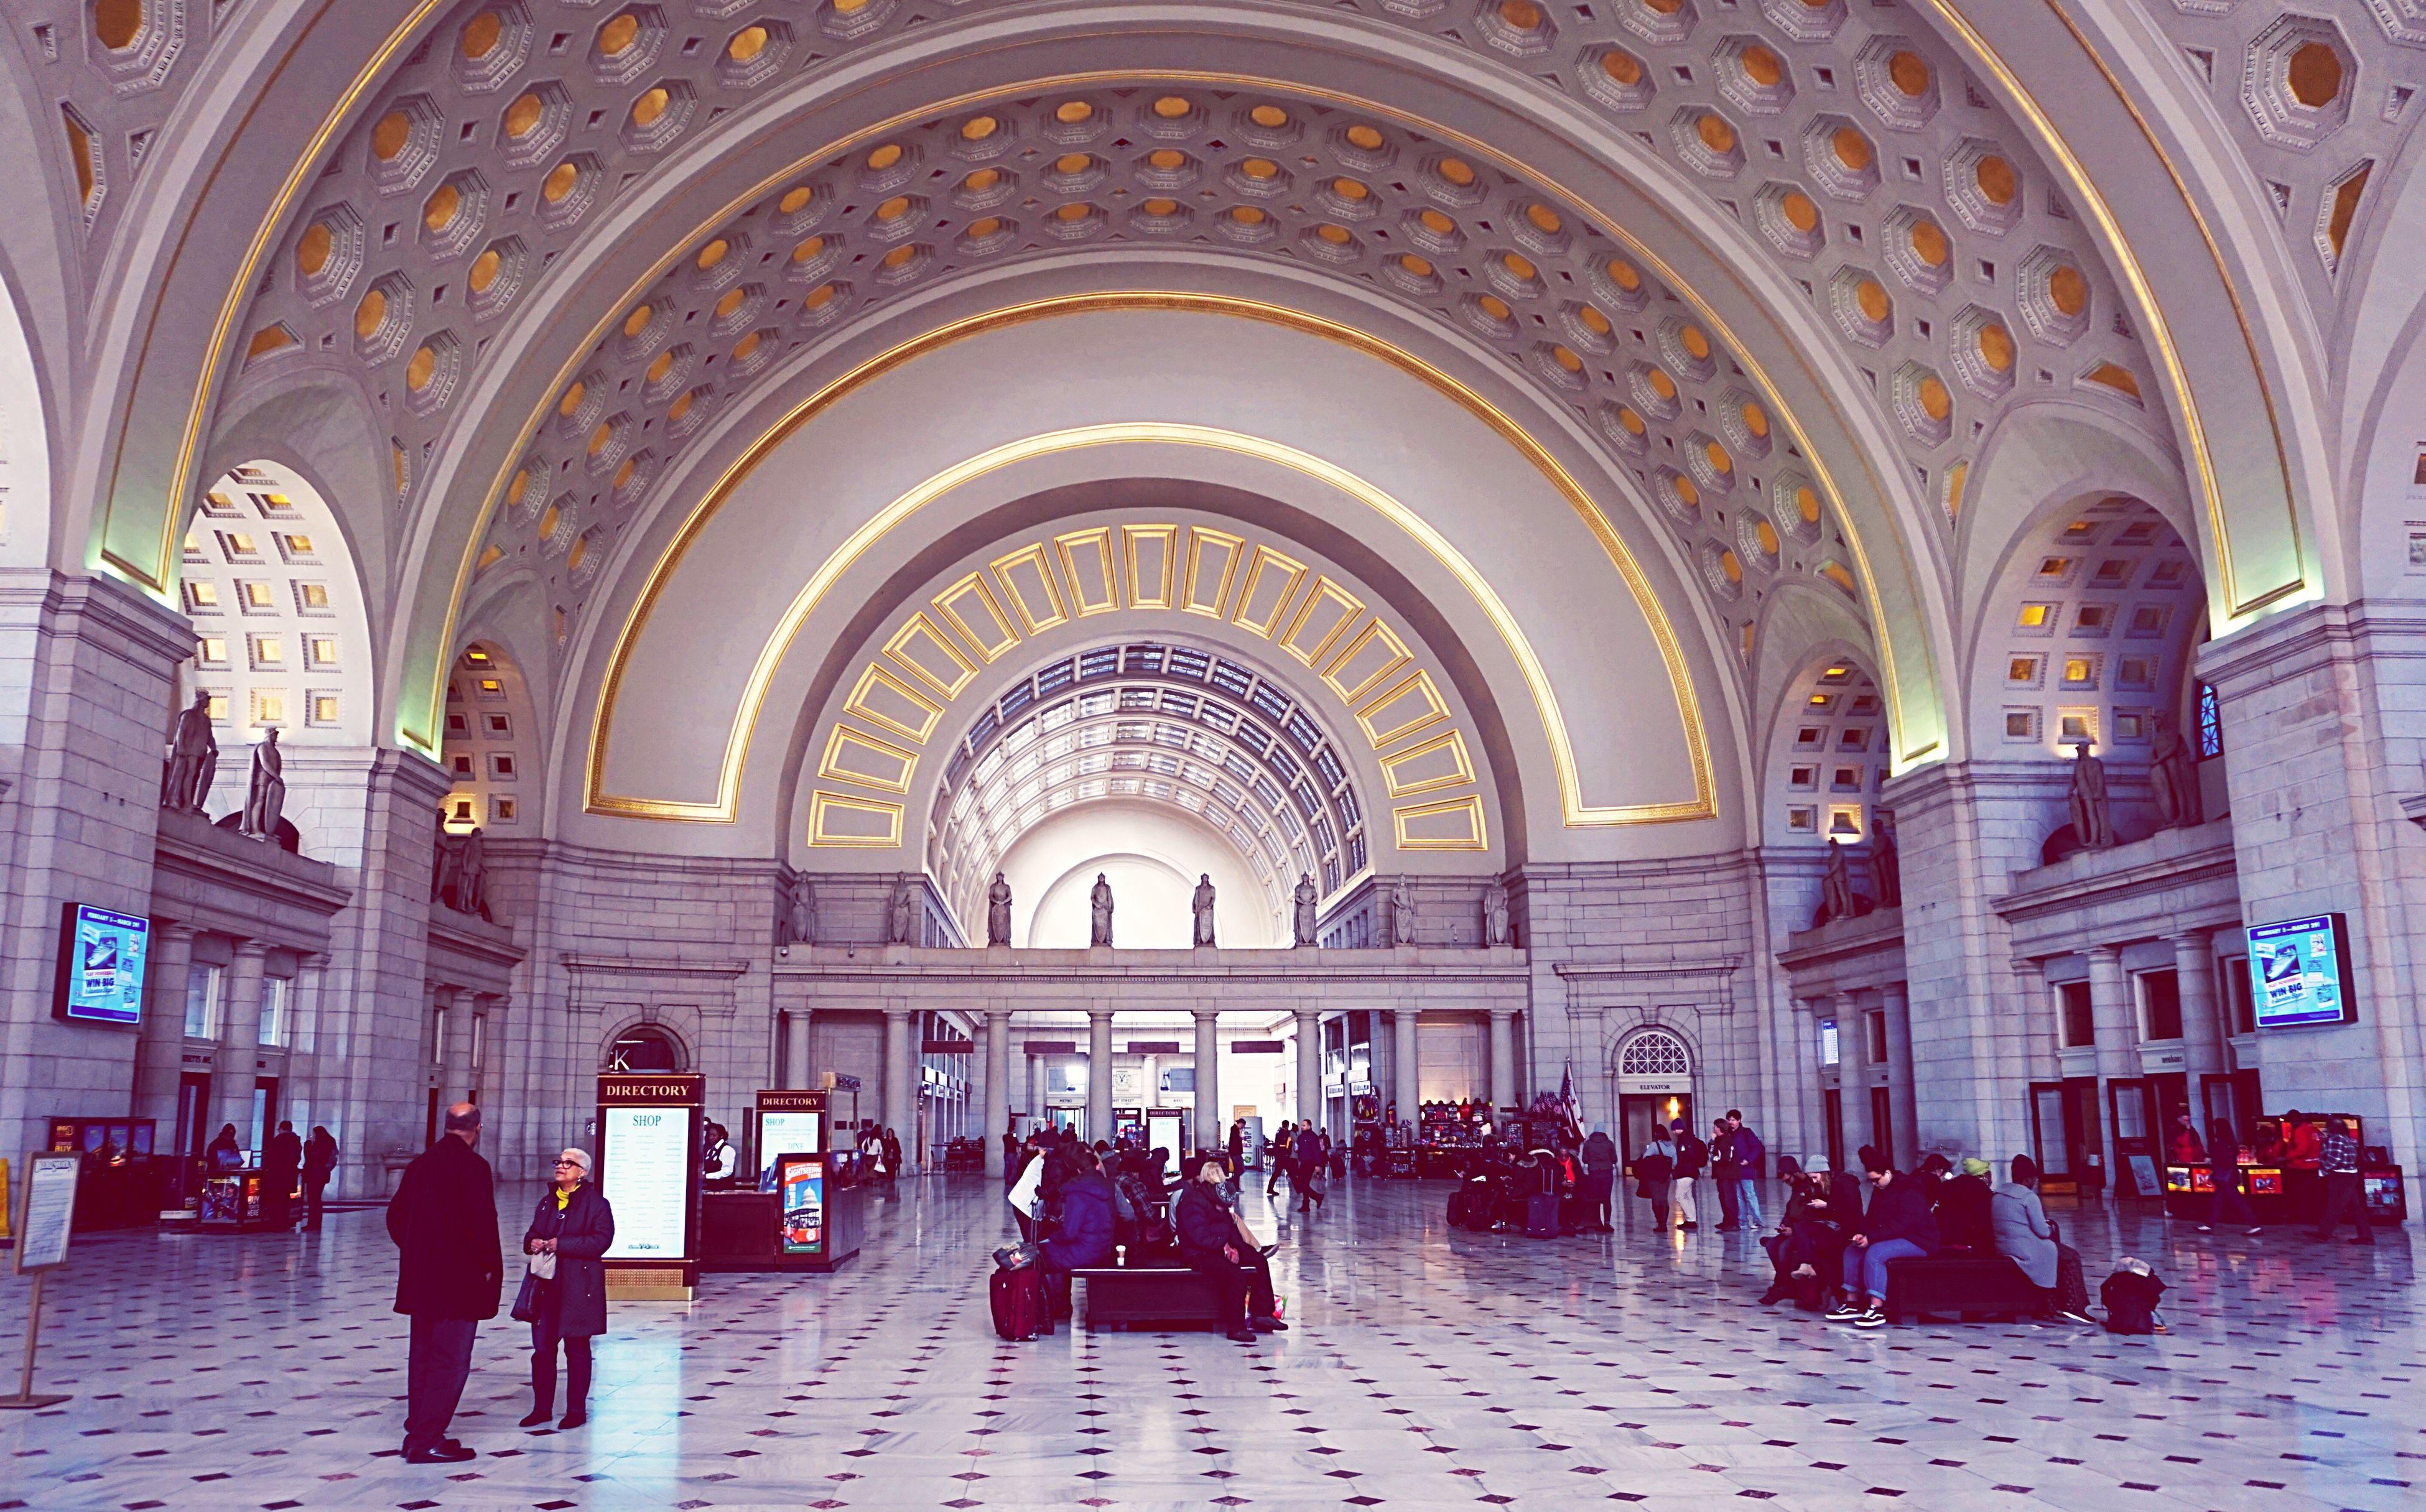 Union Station Travel Destinations Arch Architectural Column Architecture Multi Colored Washington, D. C. Cityscape Archiectural Details